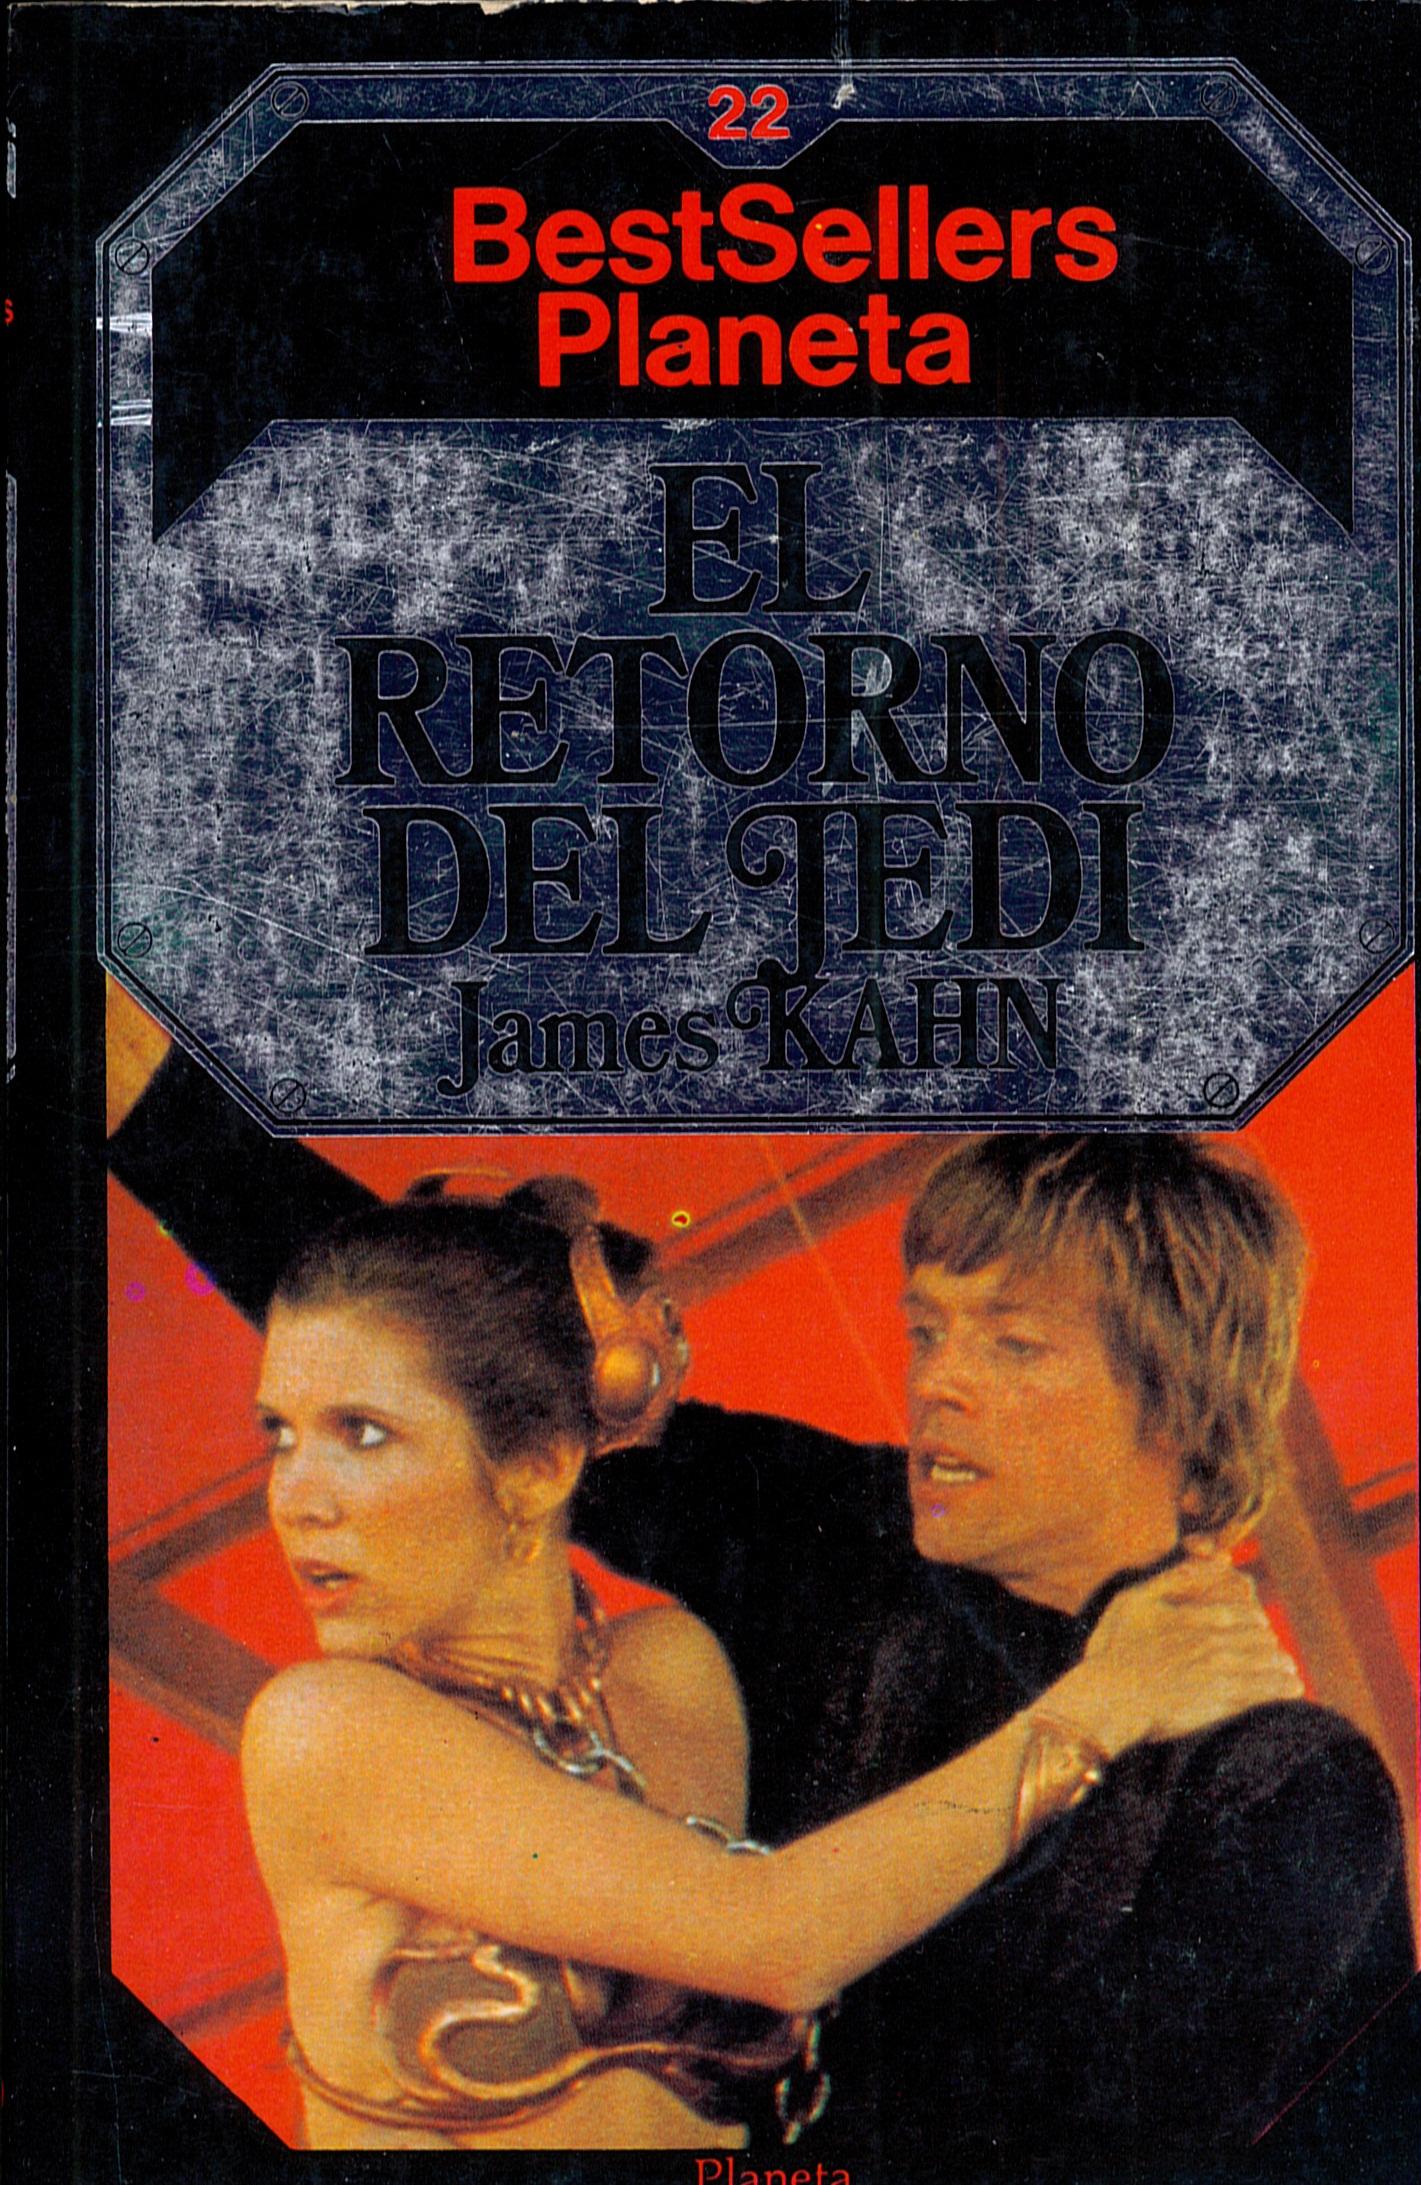 EL RETORNO DEL JEDI (Jame Kahn).